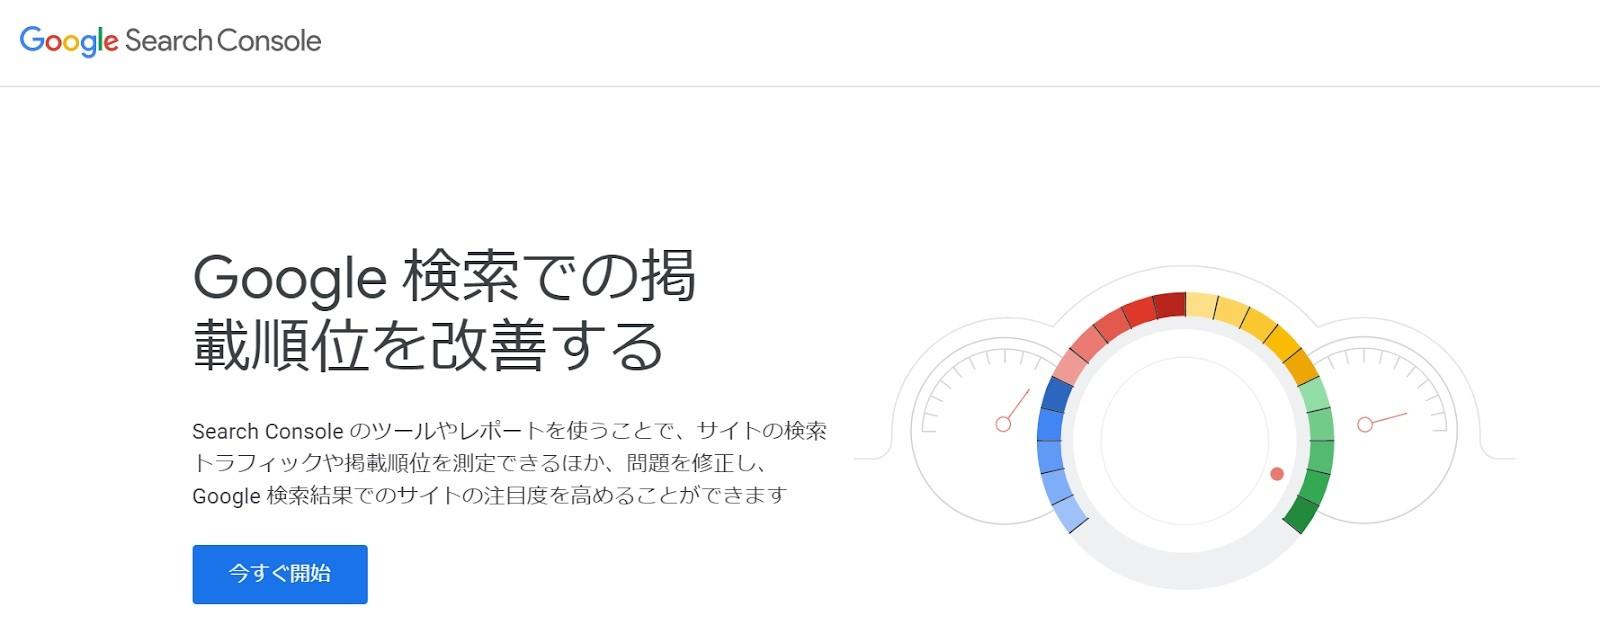 Google Search Console(無料)